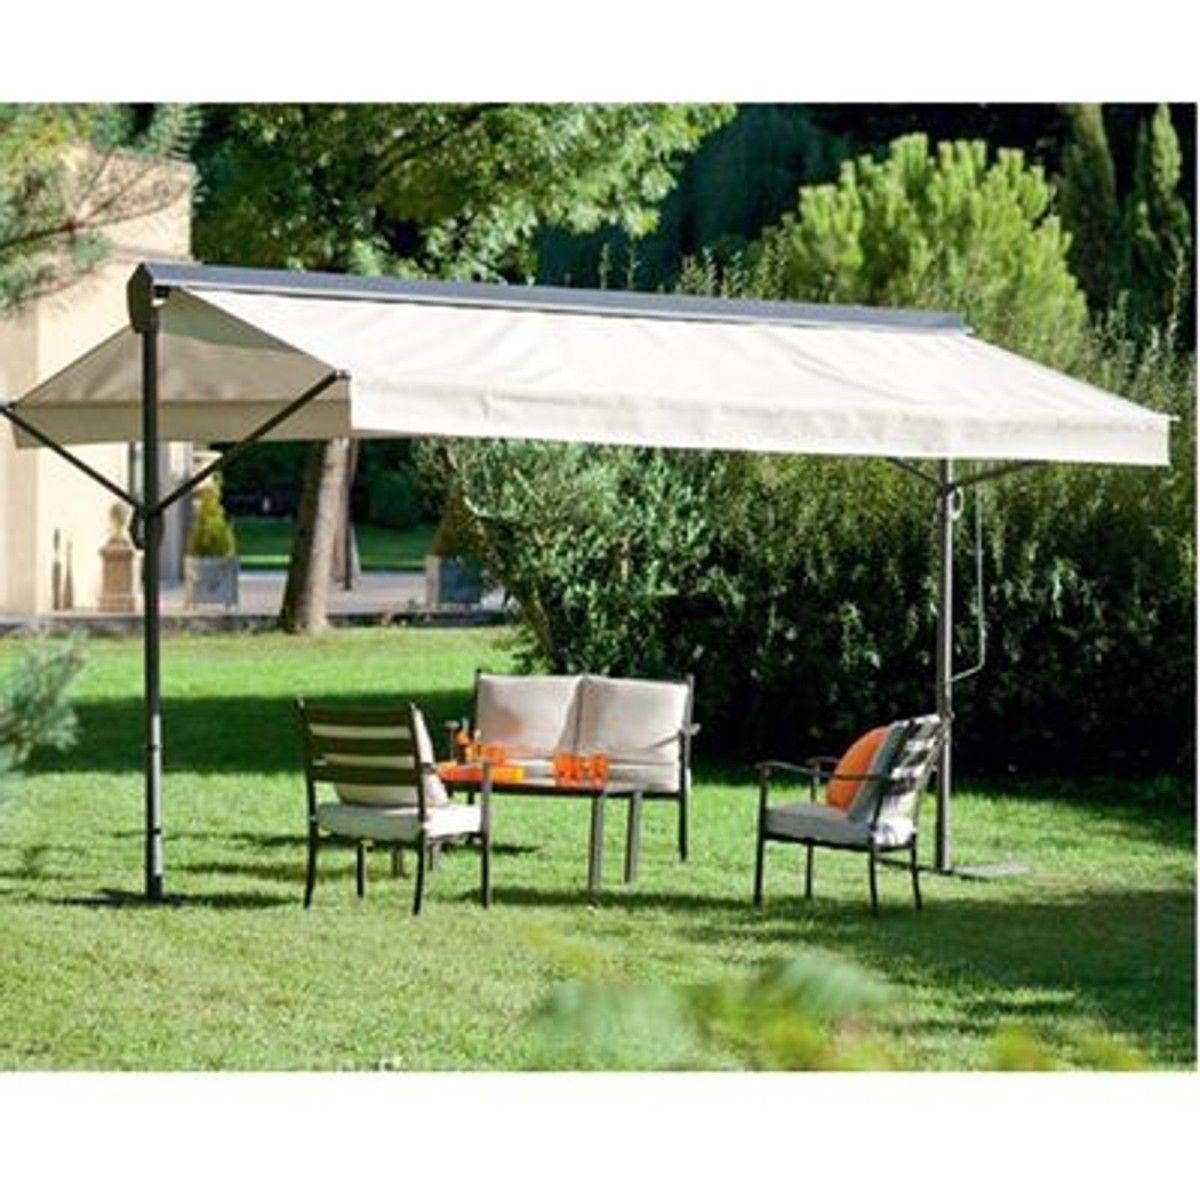 Store De Jardin Double Pente Riviera - 400 X 300 Cm ... encequiconcerne Store De Jardin Double Pente